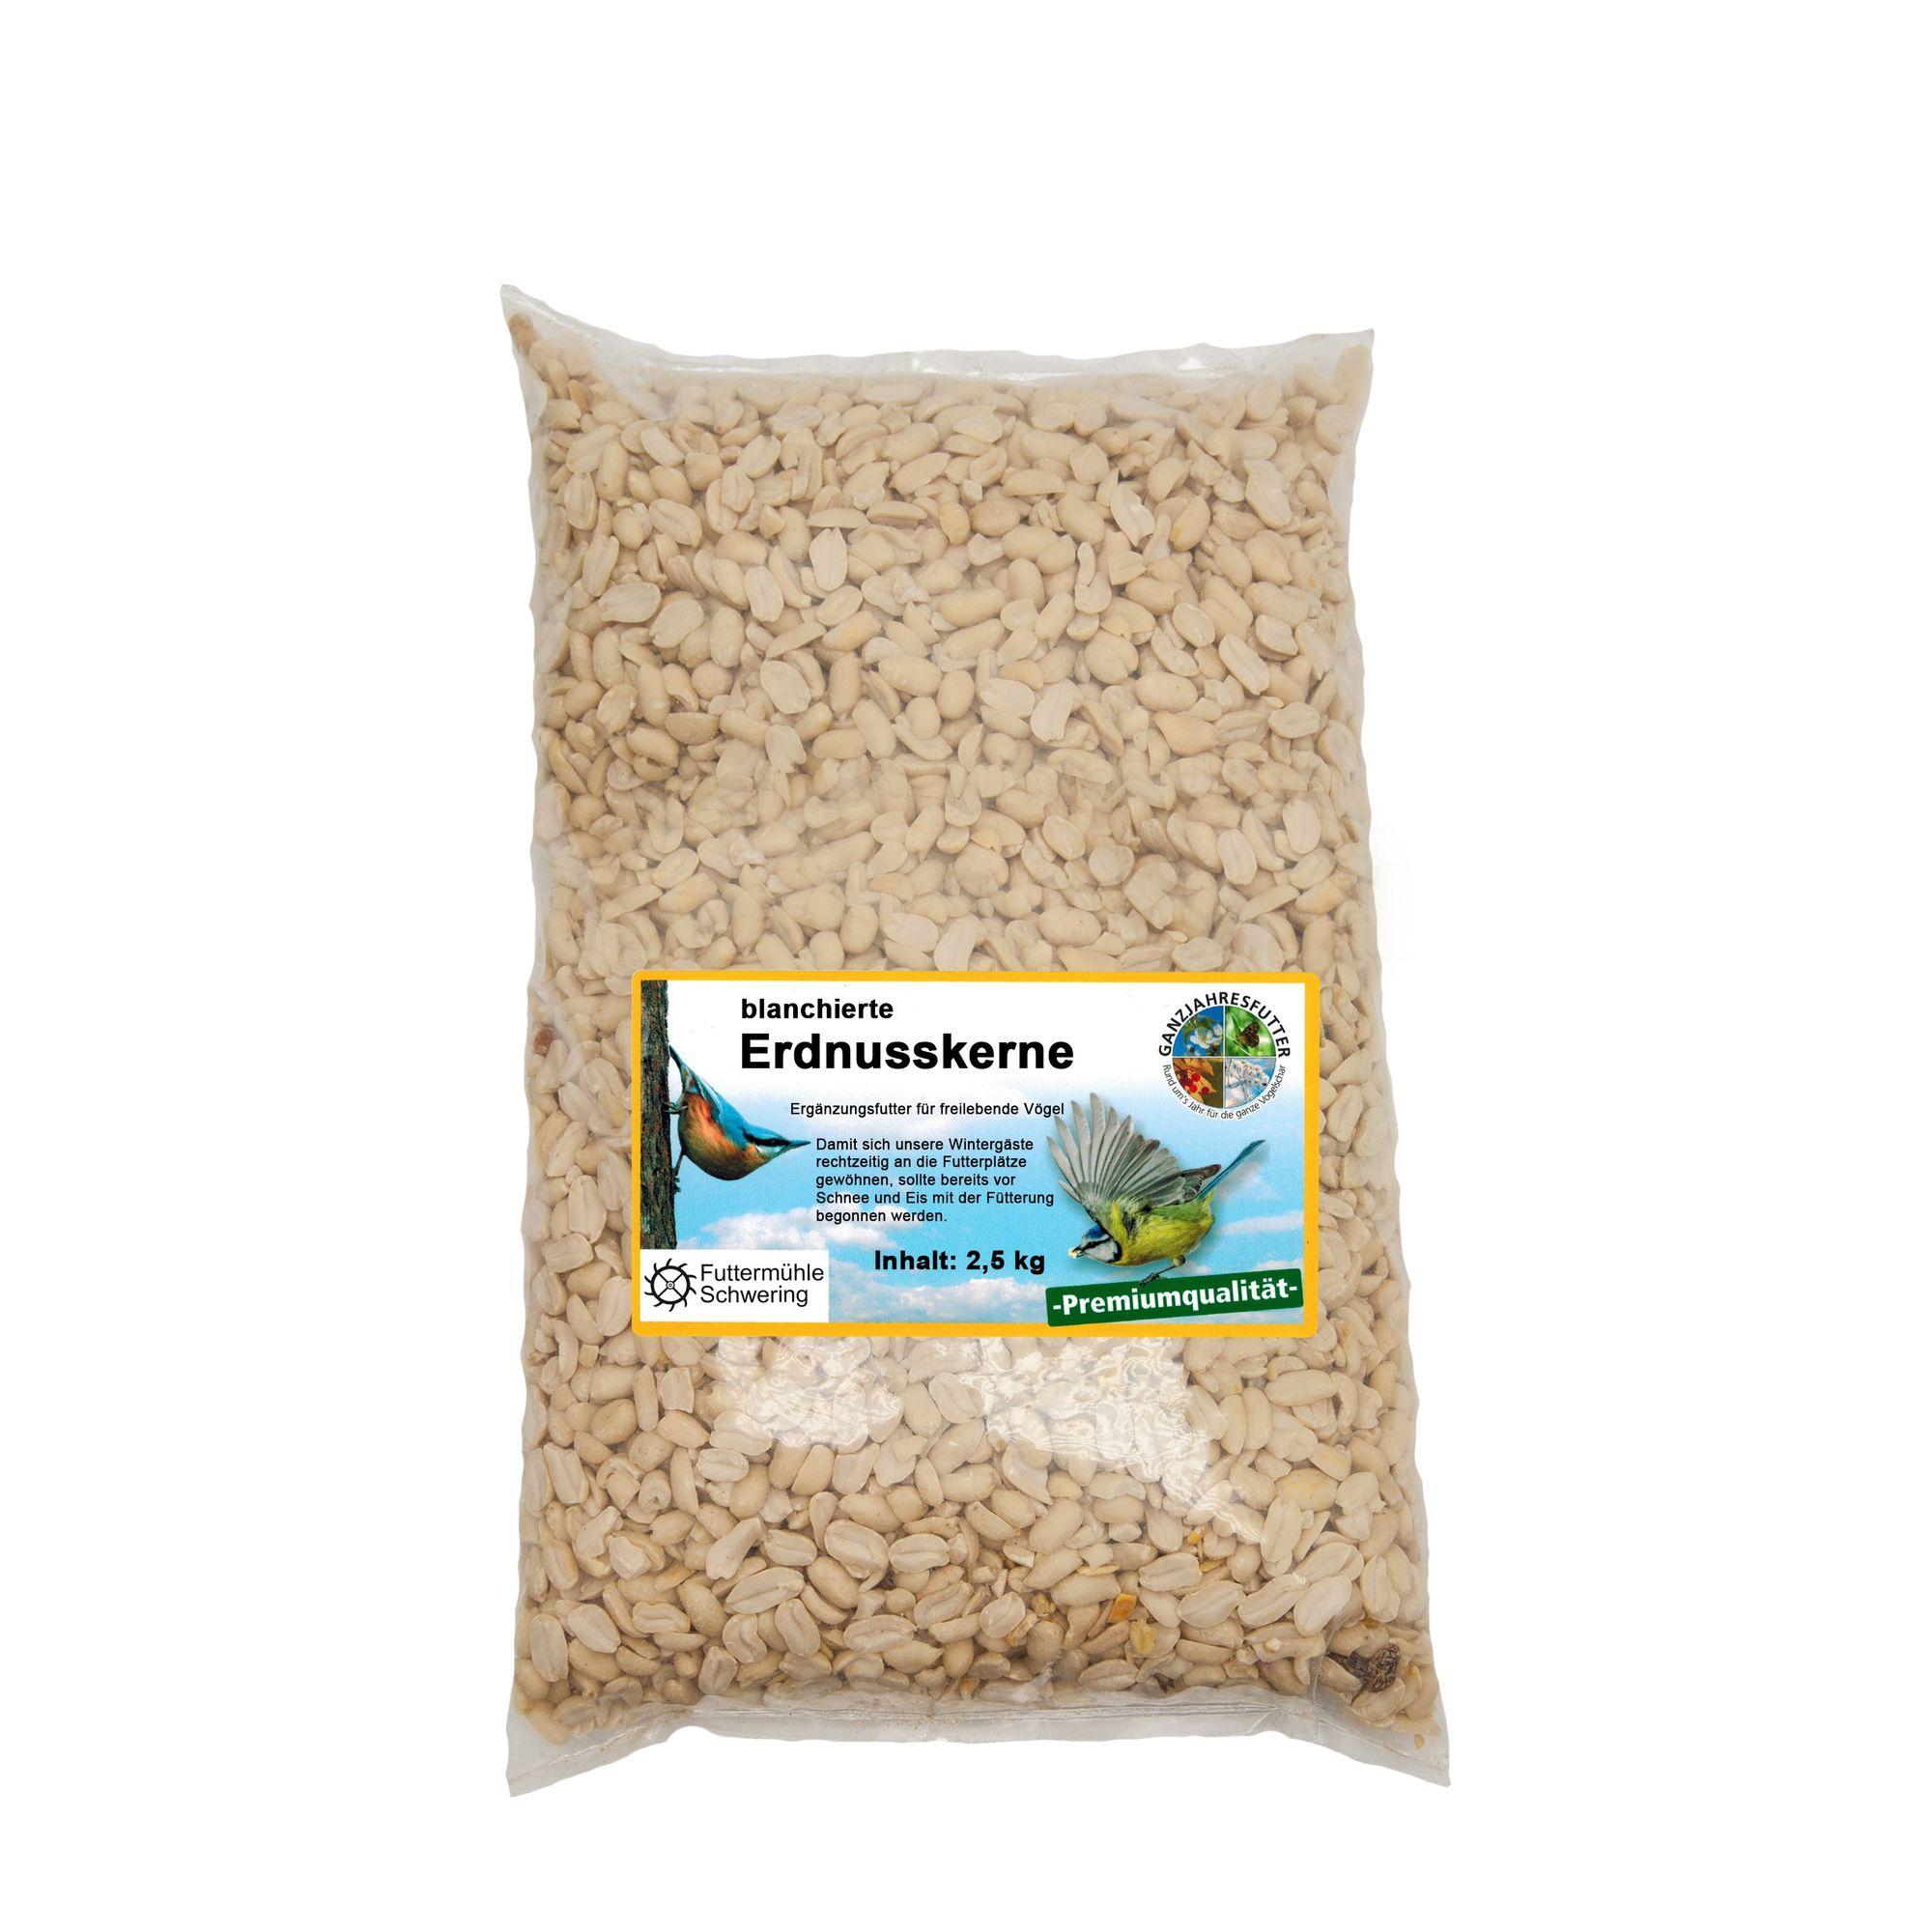 Erdnusskerne blanchiert, 2,5 kg Btl.